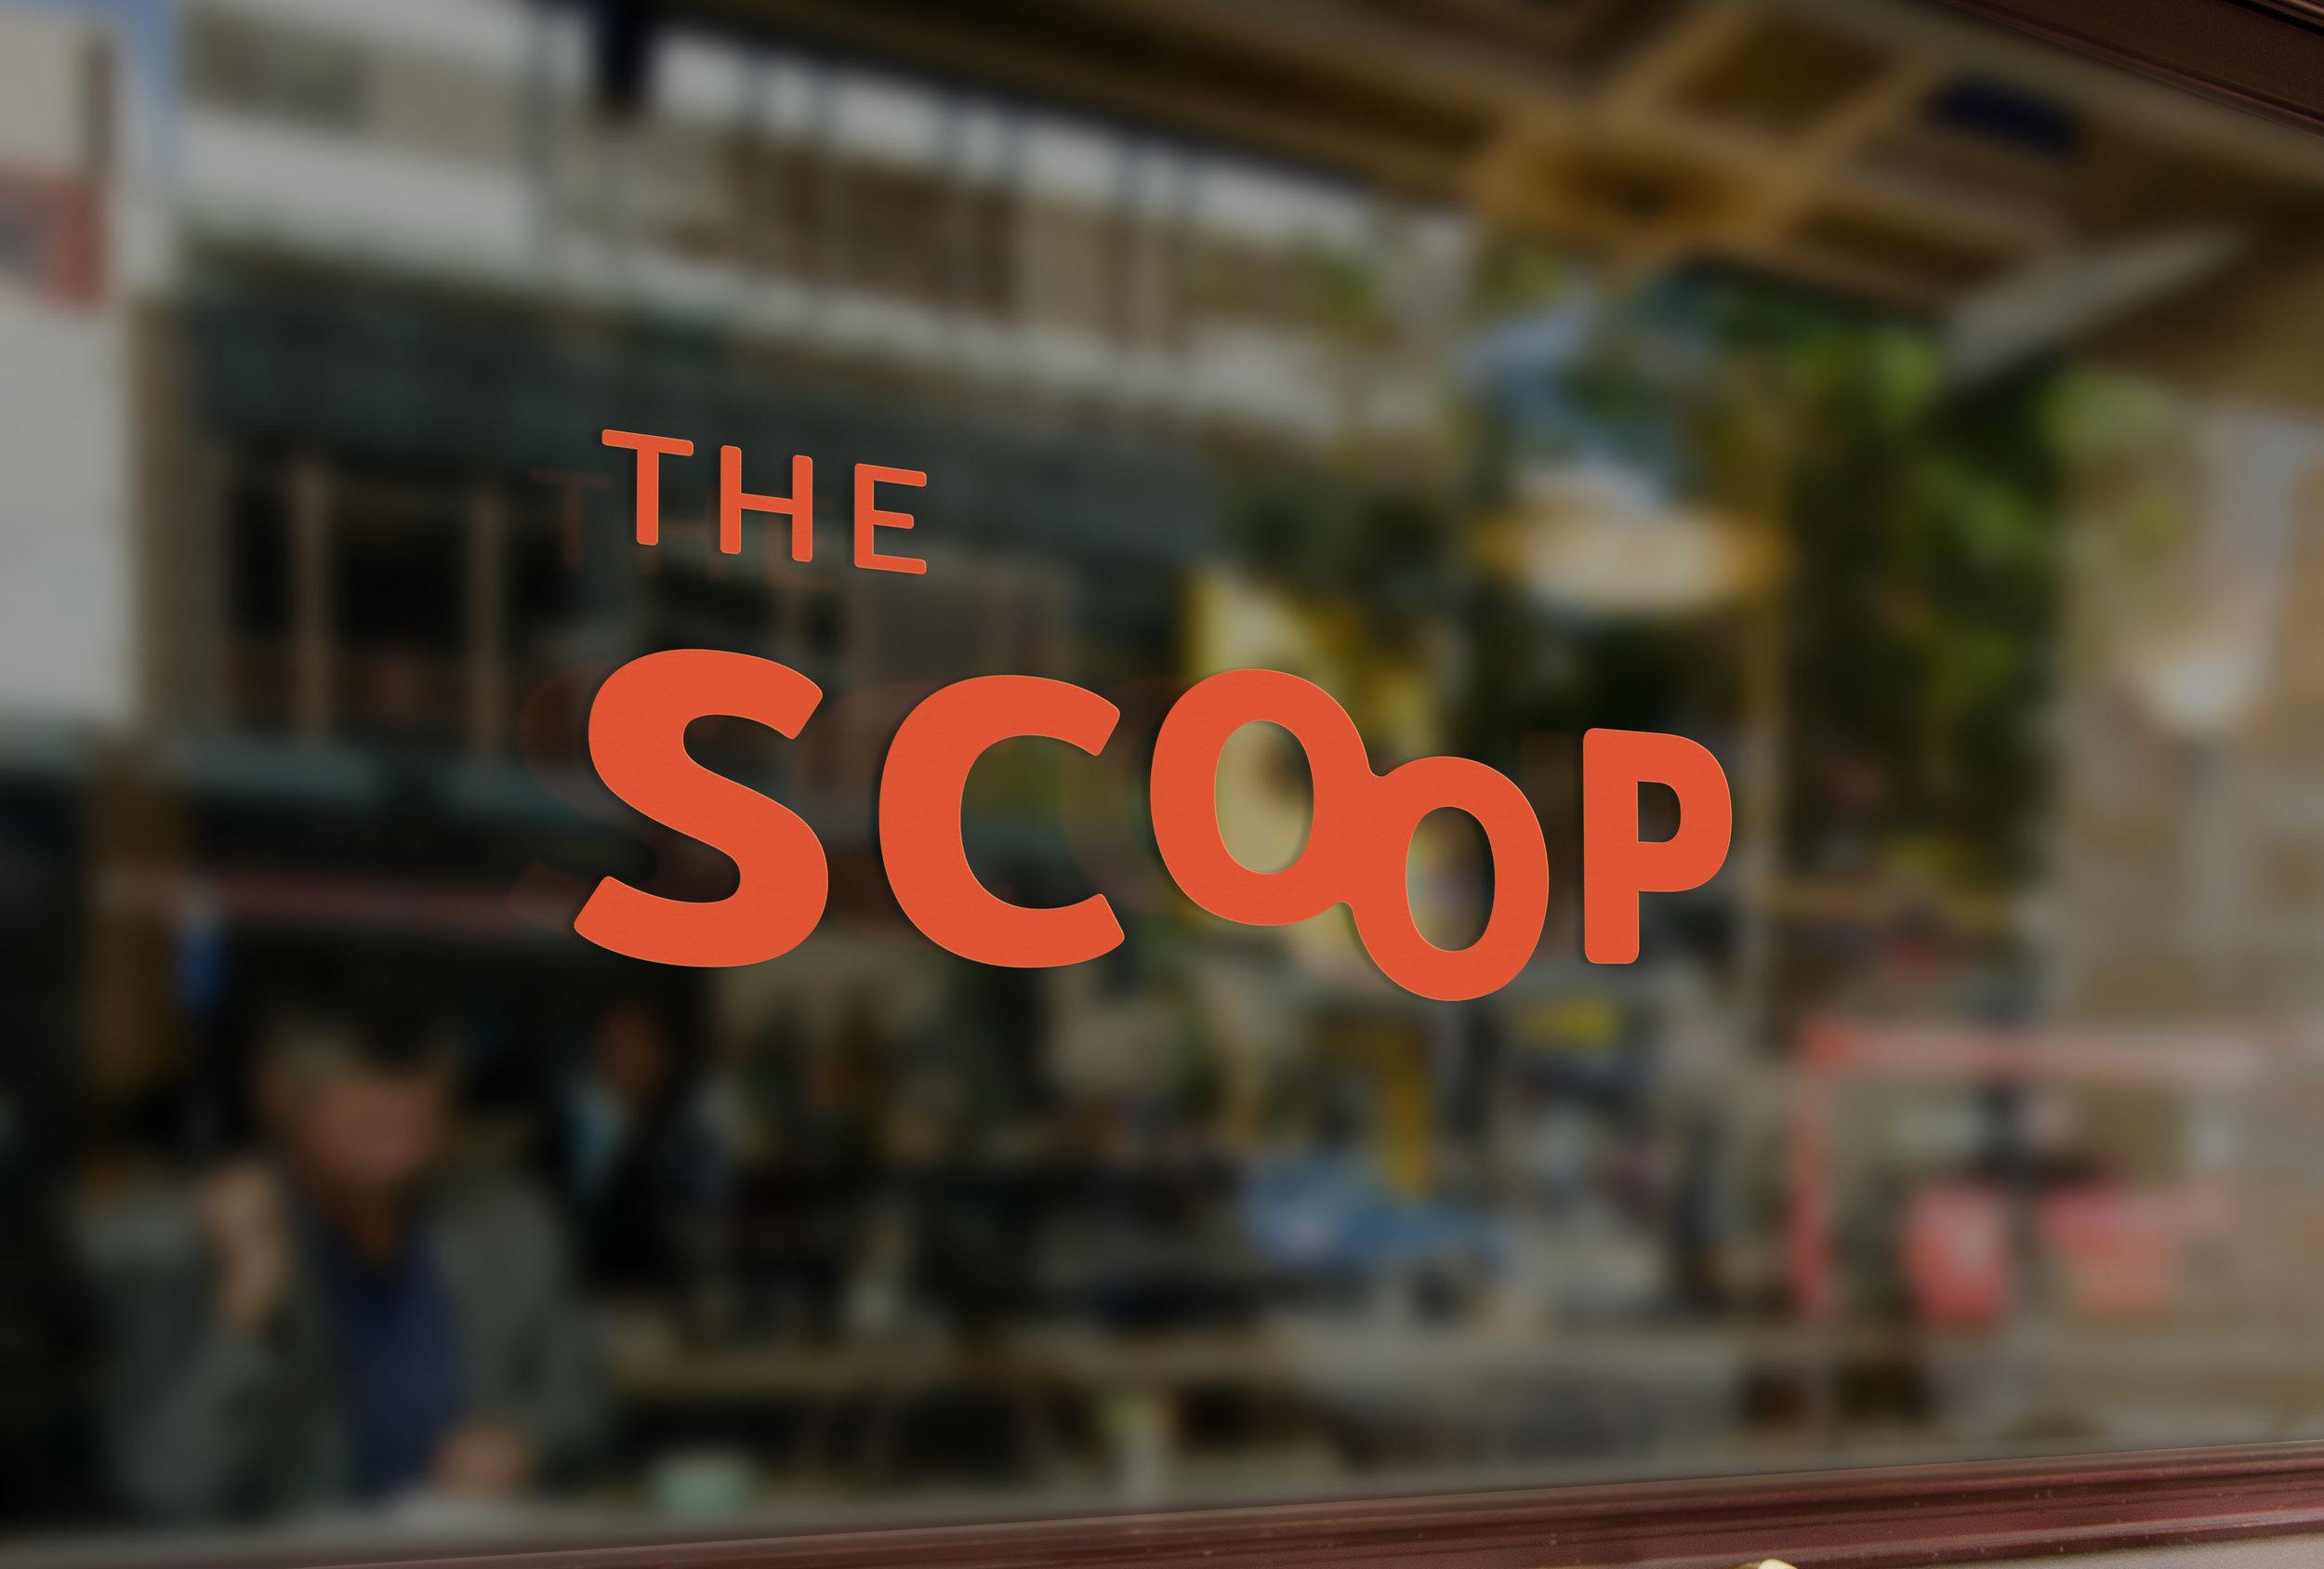 TheScoop_window.jpg